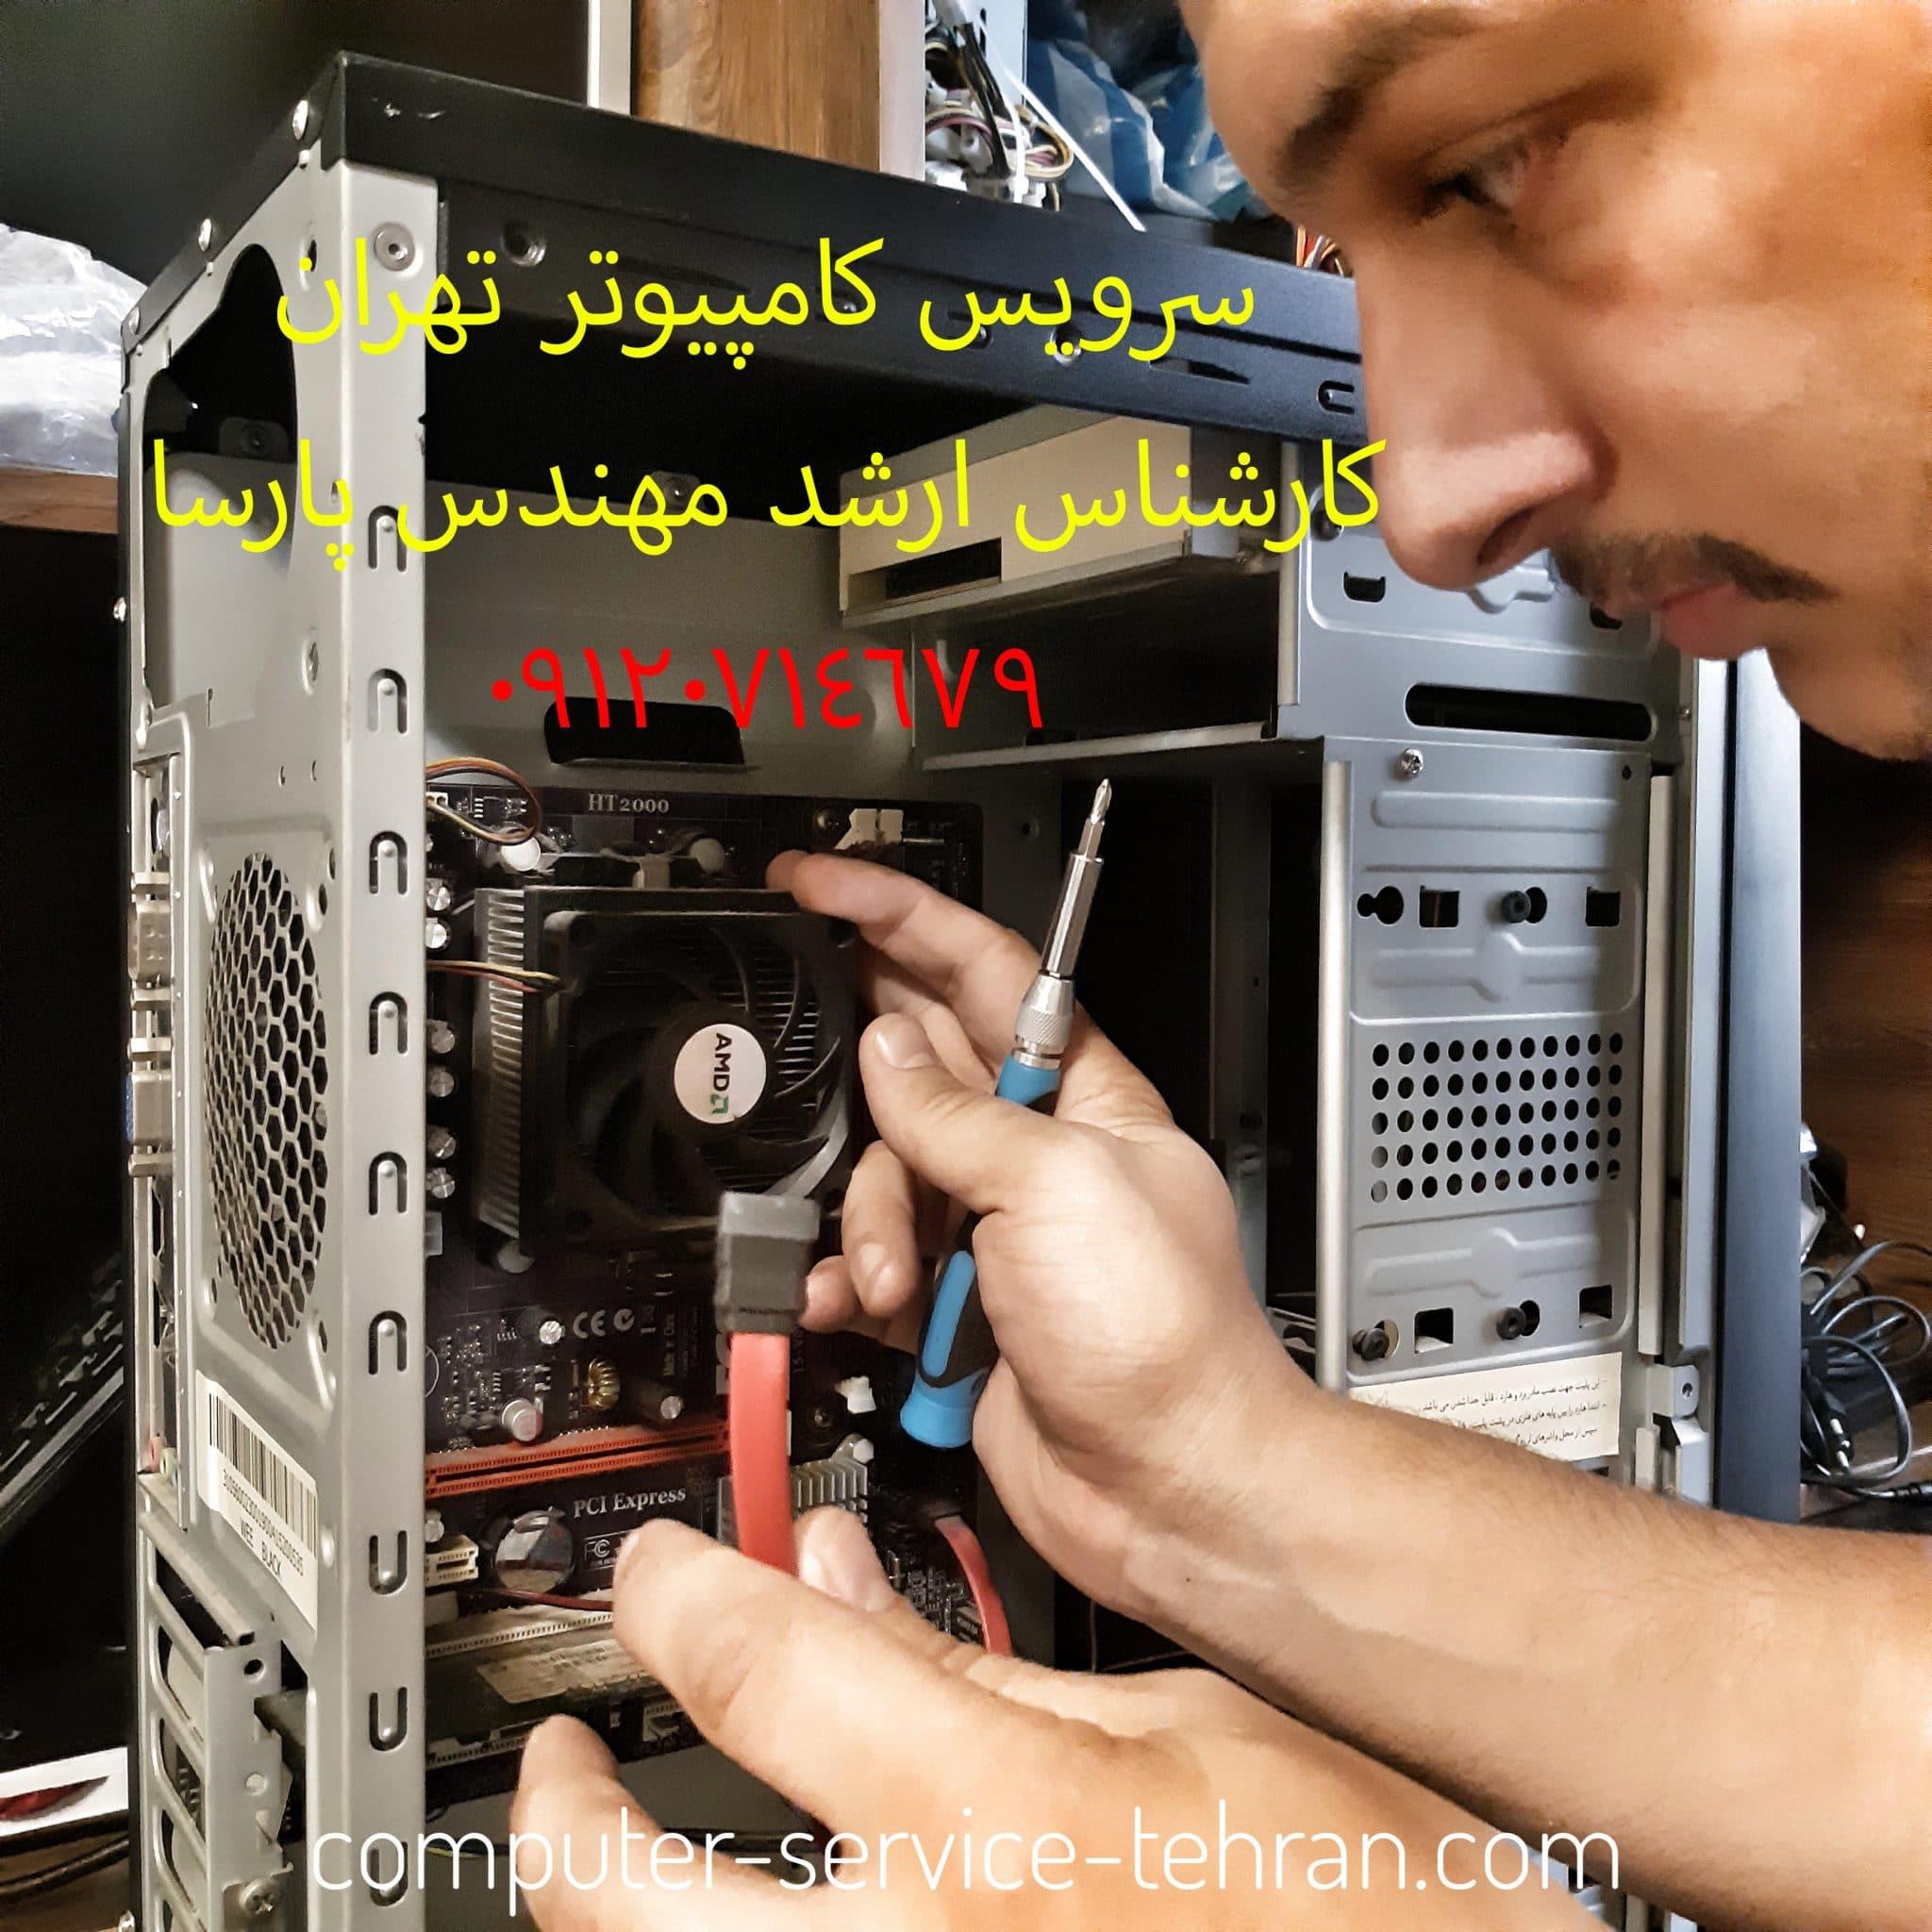 عیب یابی رفع عیوب تعمیر کامپیوتر خانگی و سیستم در محل حضوری